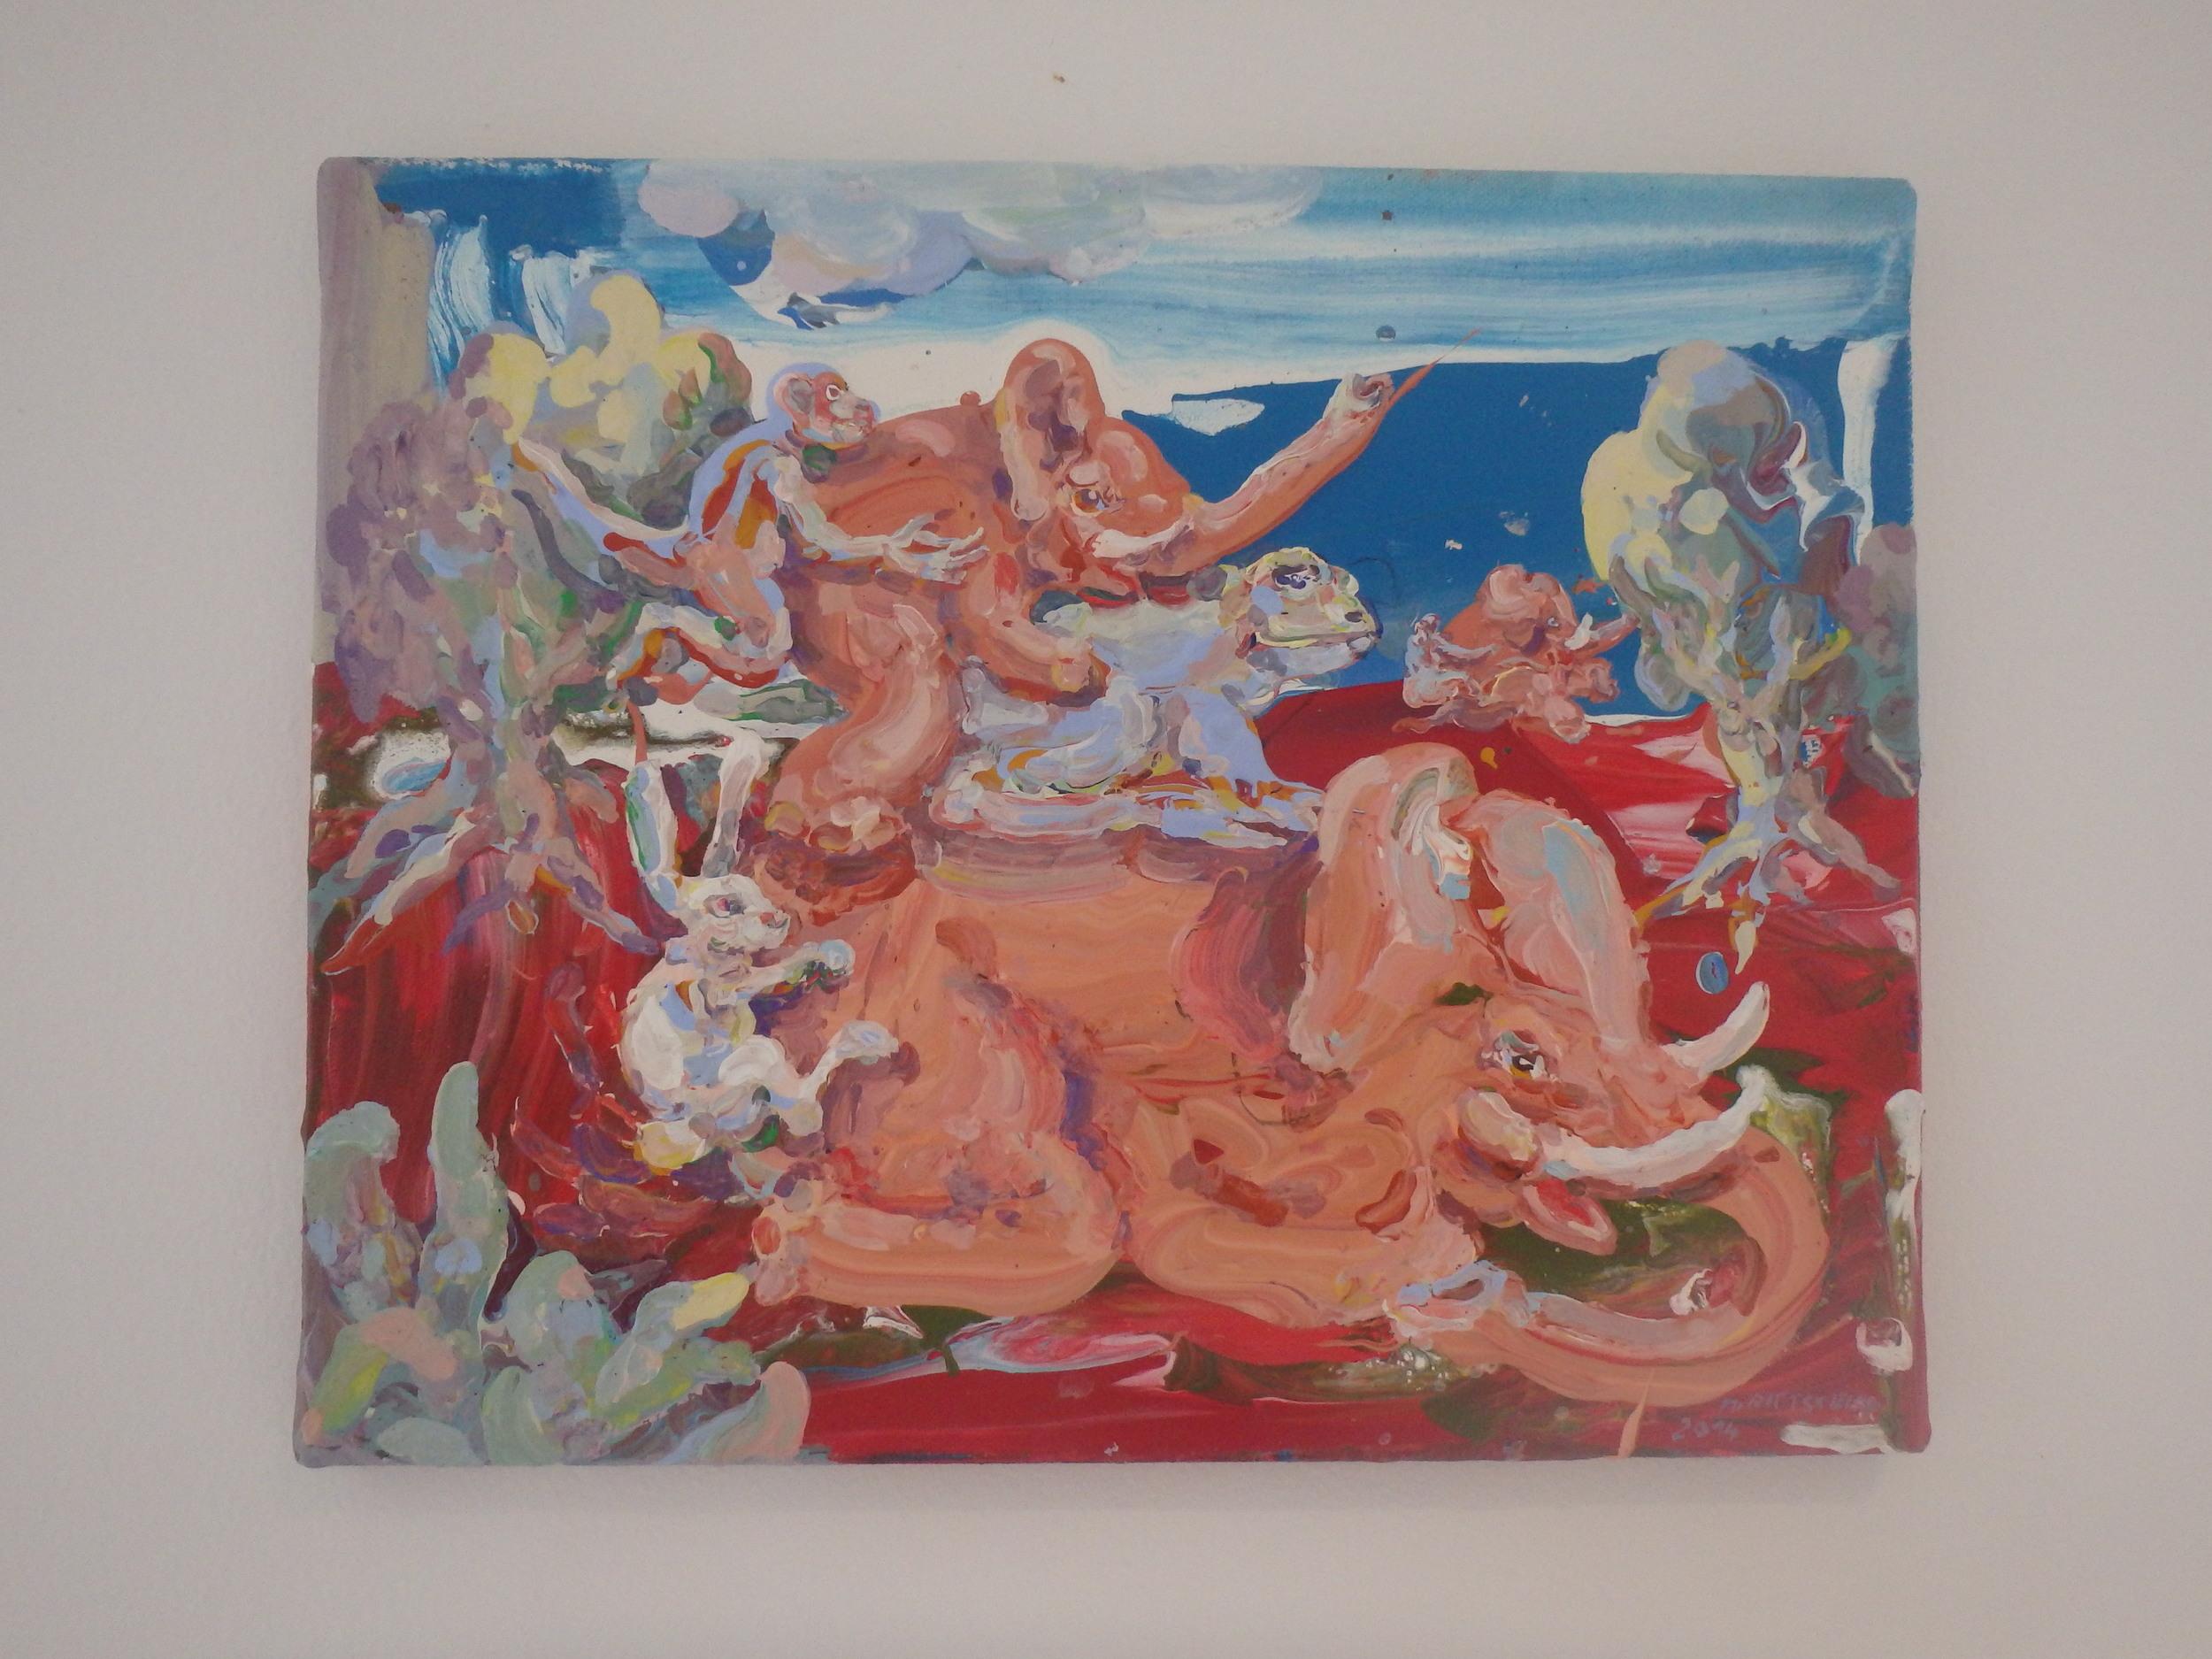 Michael Rittstein, Vášeň je slepá, 2014, plátno, akryl, 50 x 40 cm